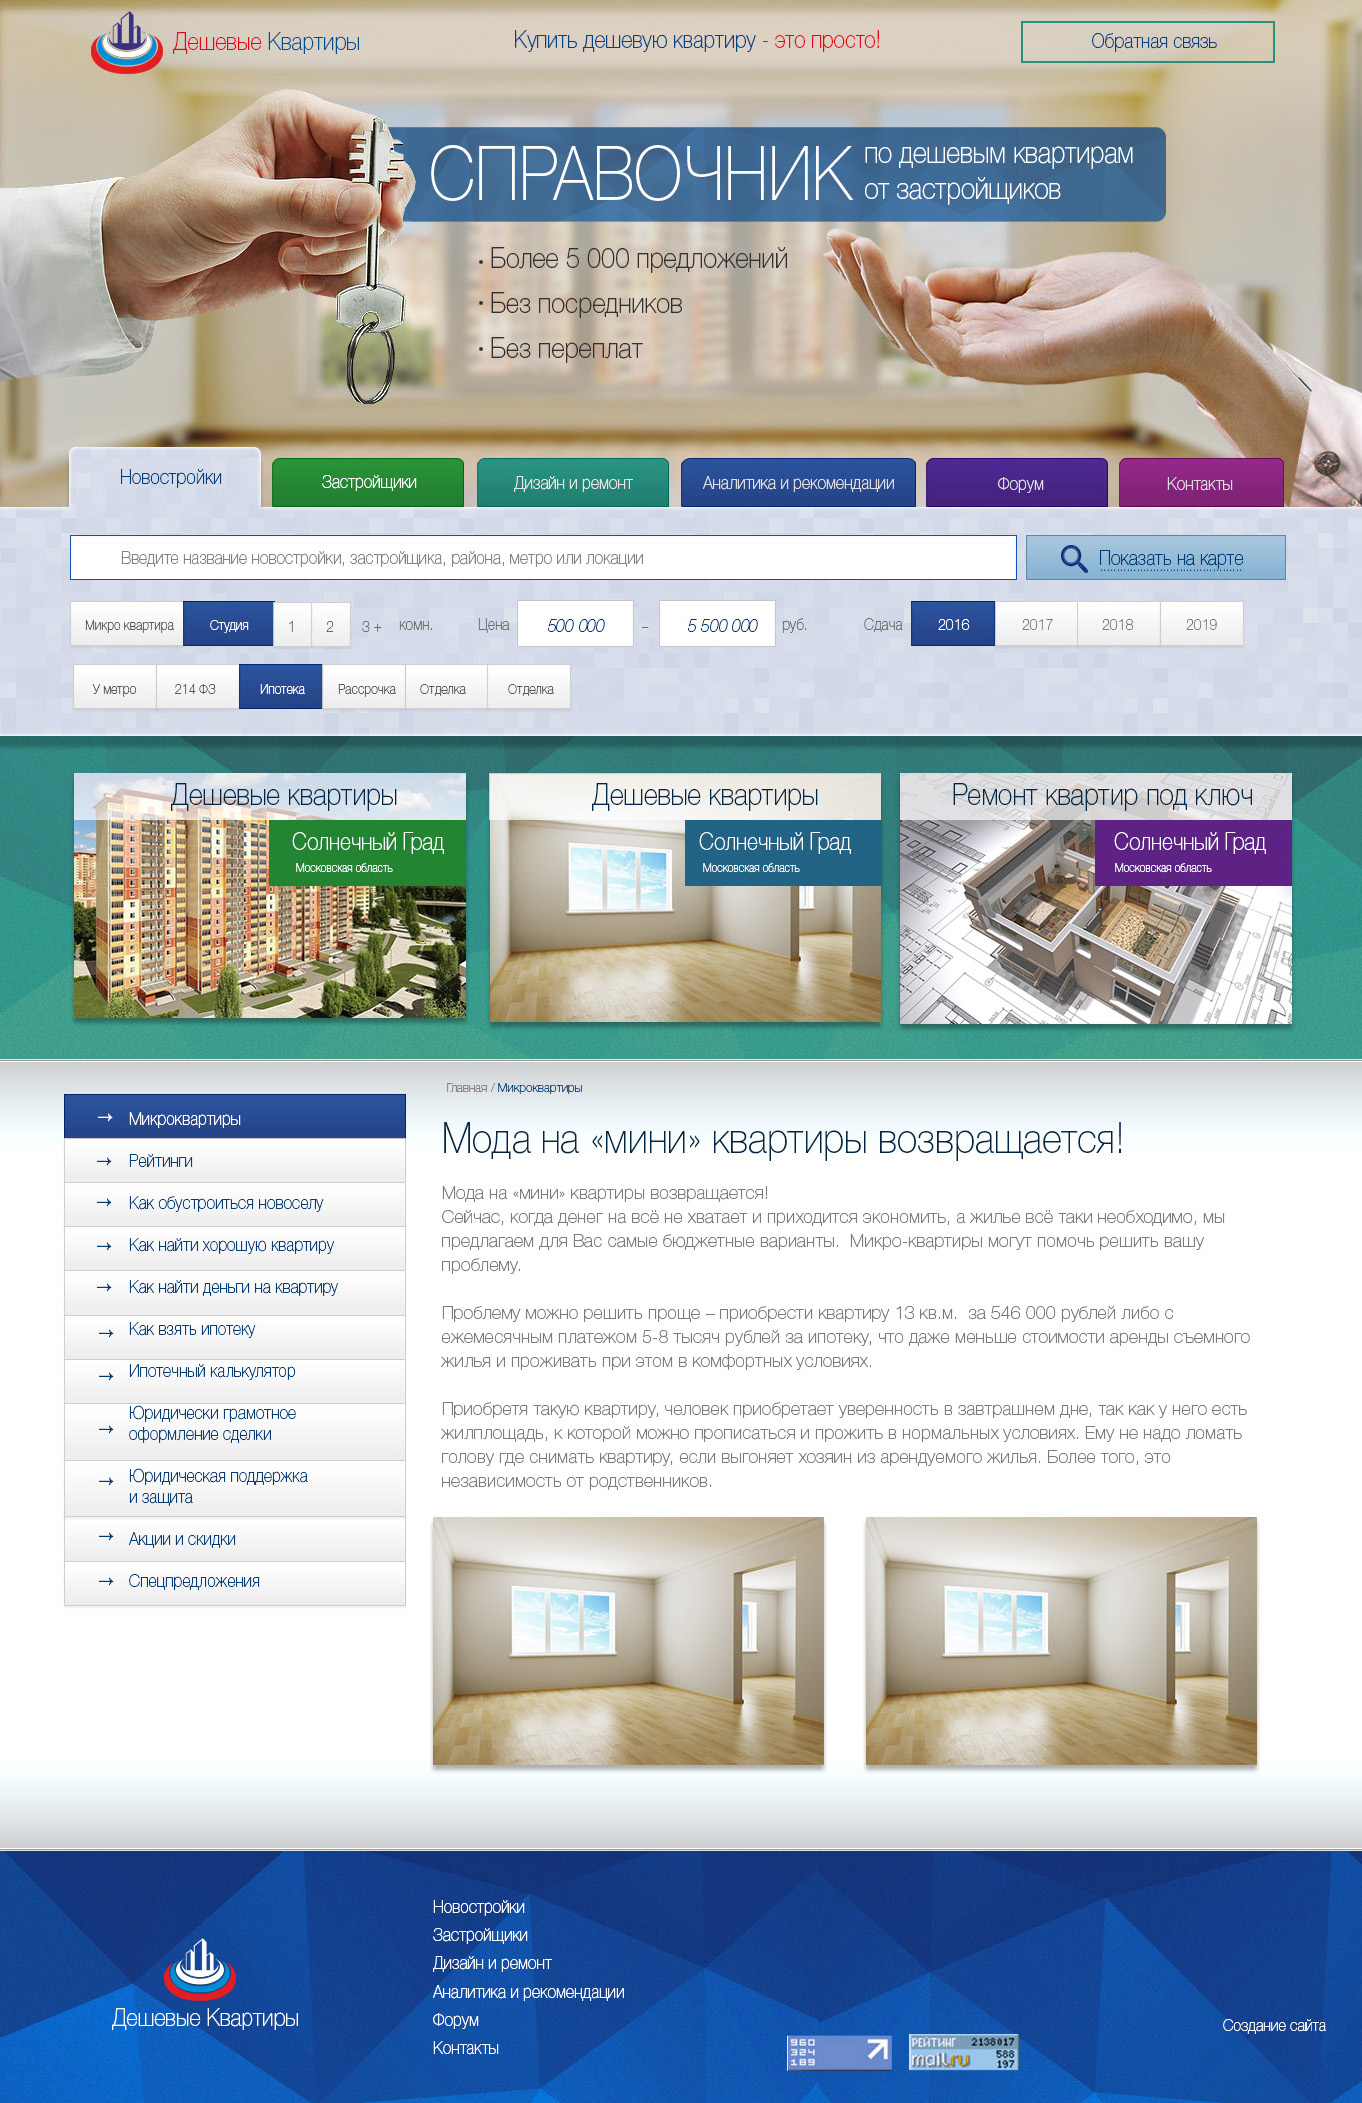 Дизайн сайта Дешевые квартиры